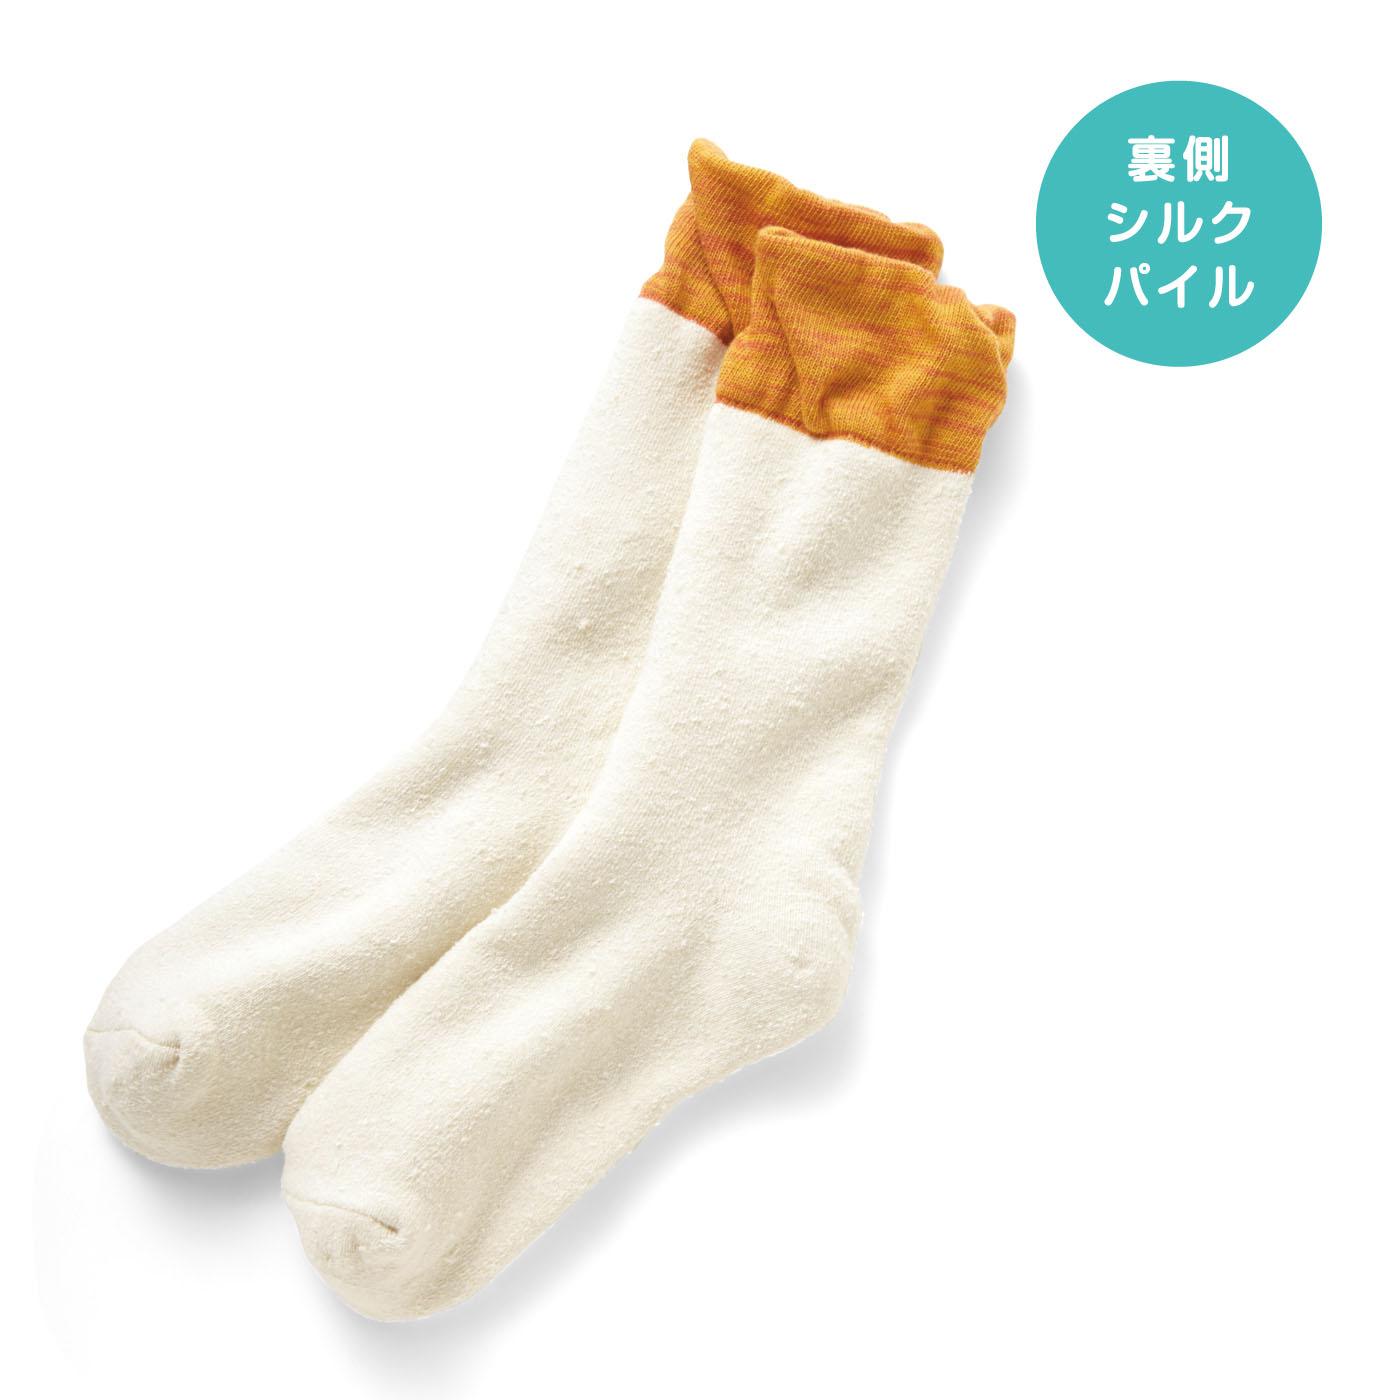 ふわもこ密集シルクパイルに包まれる お風呂上がり靴下の会